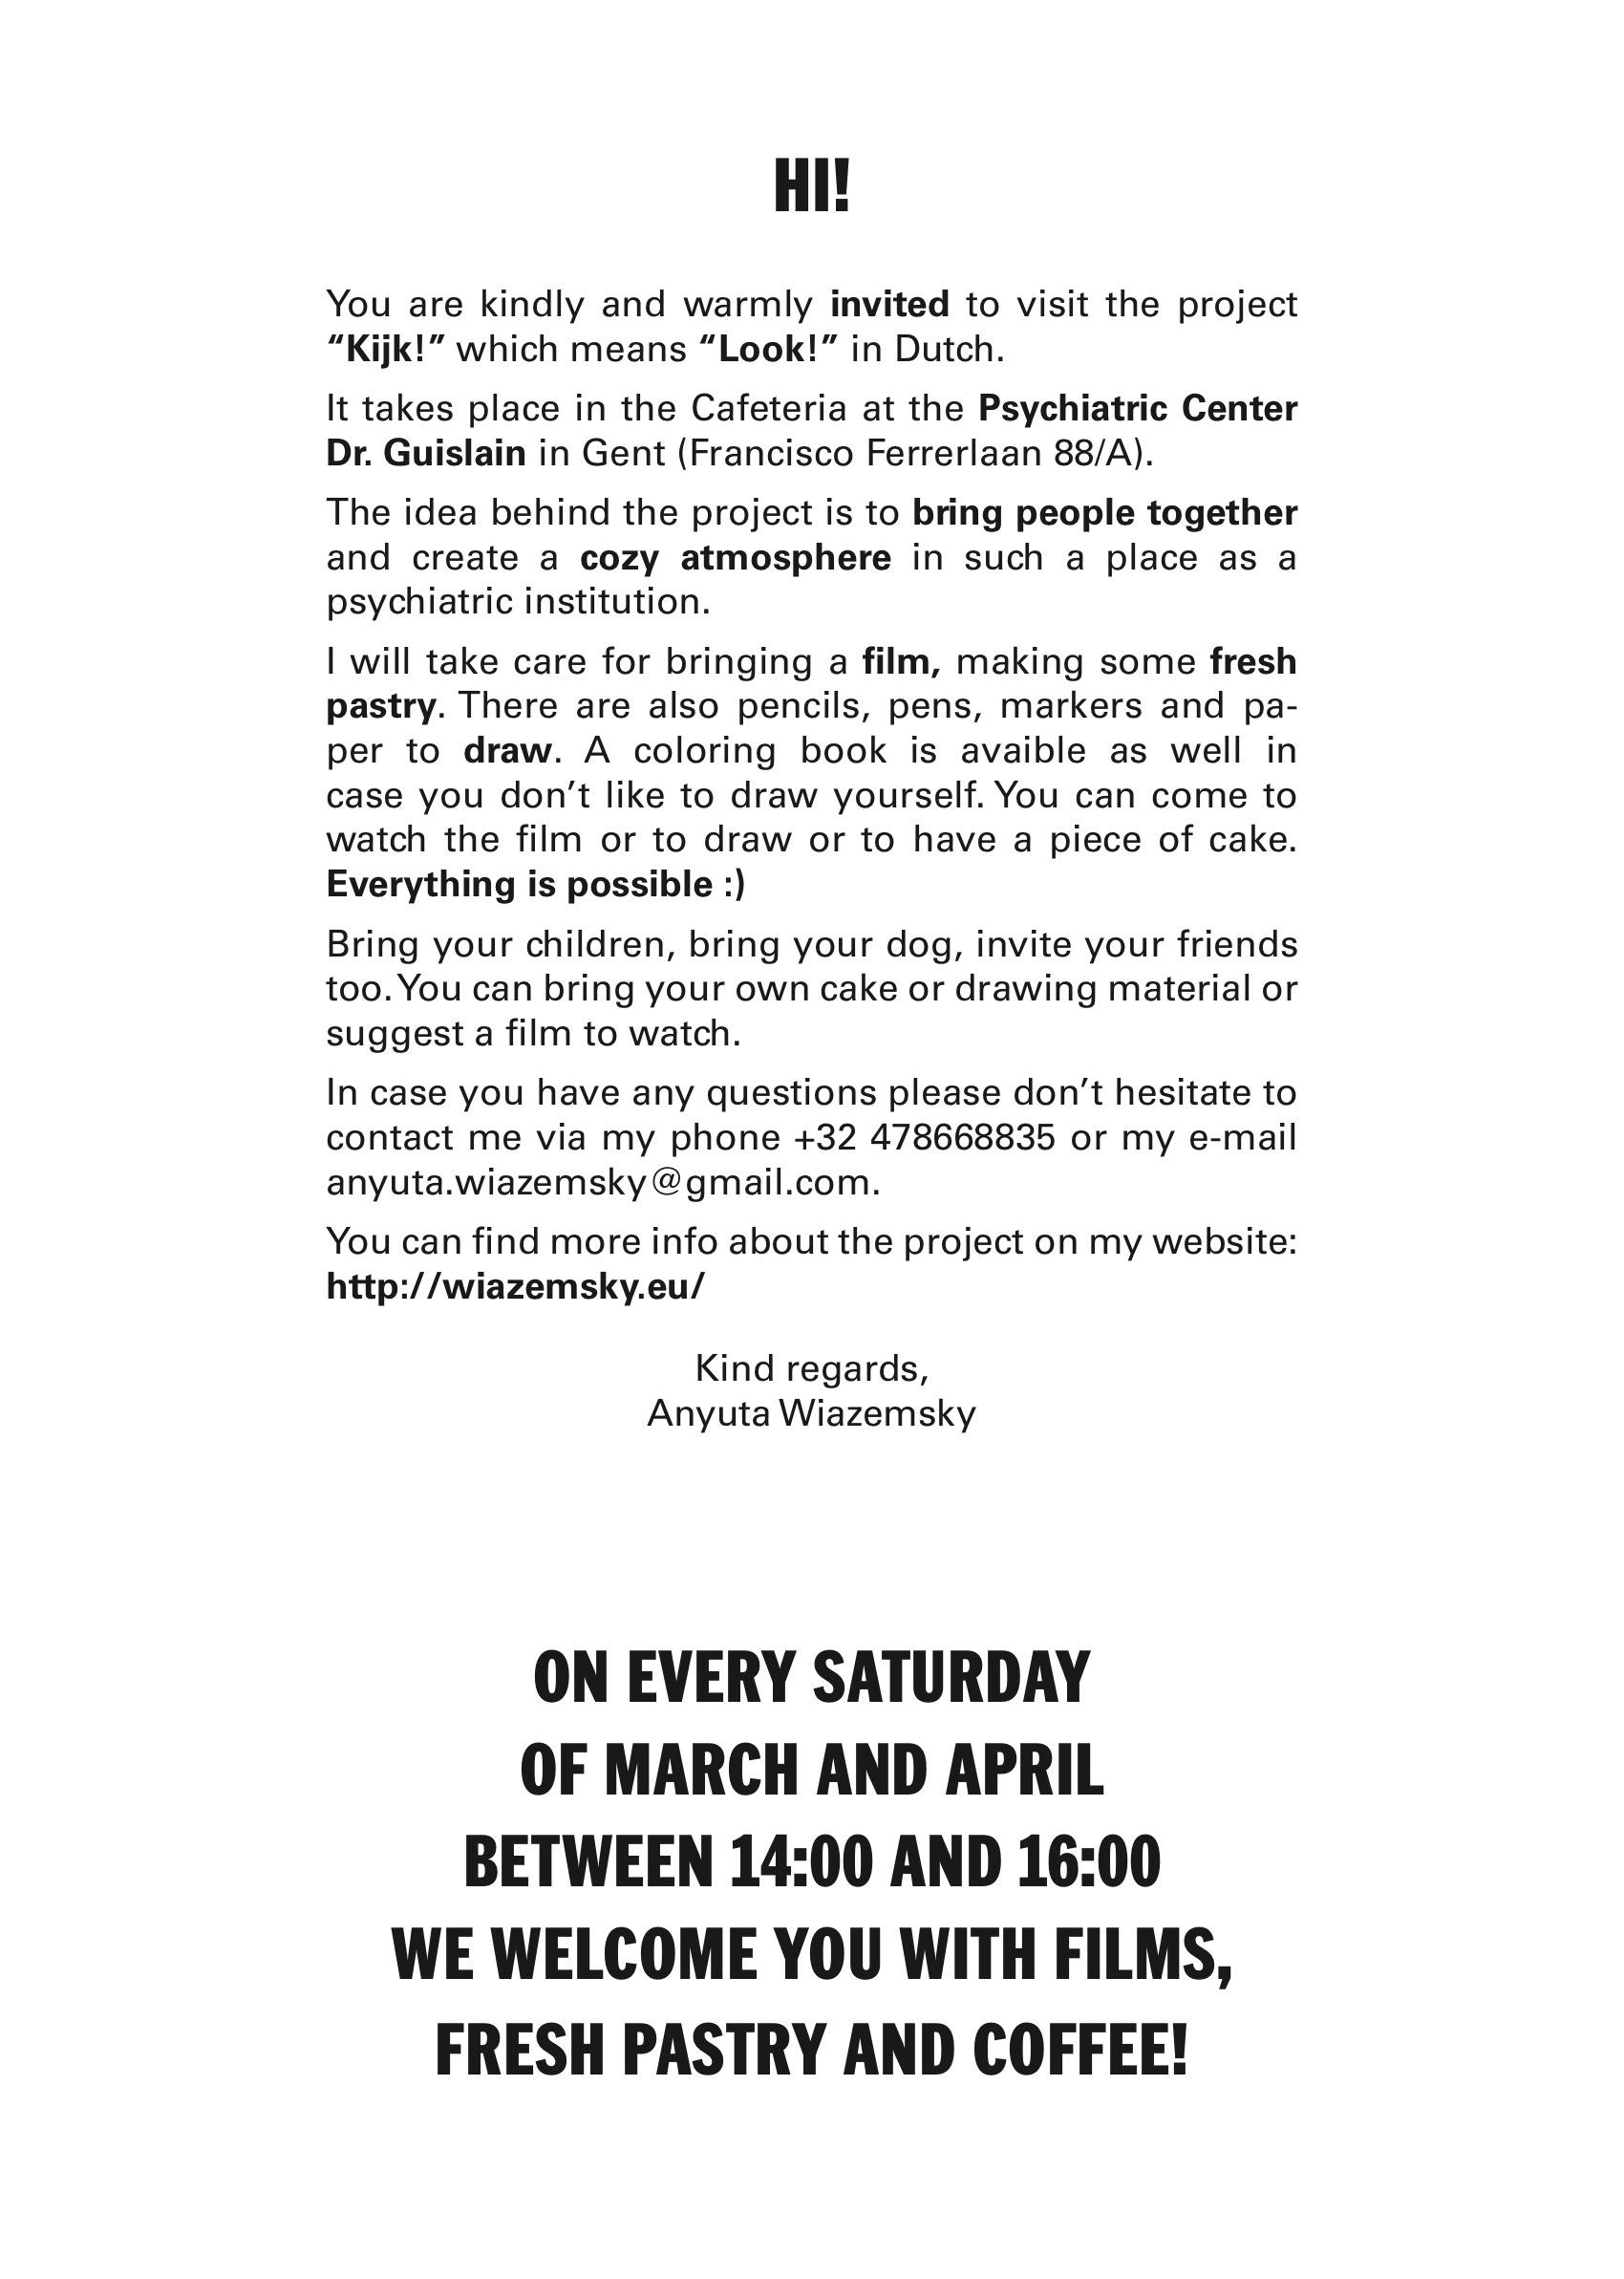 kijk_march_april 2.jpeg